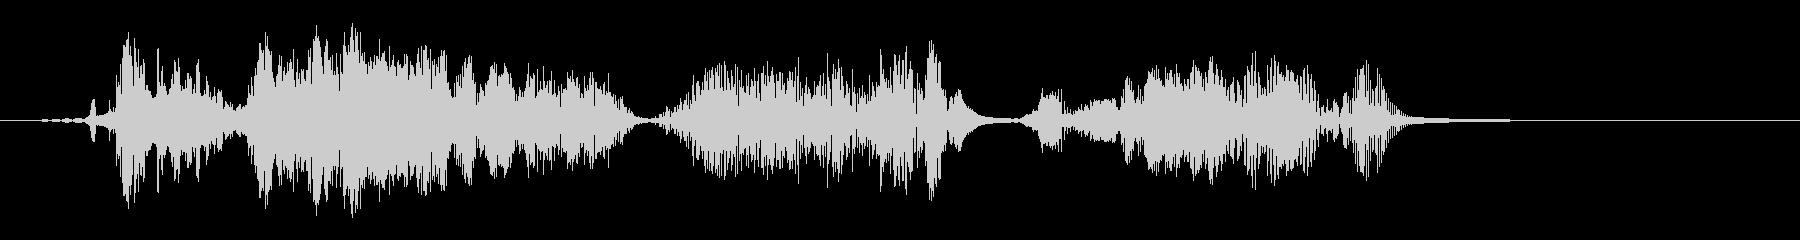 ショートカット遷移2の未再生の波形